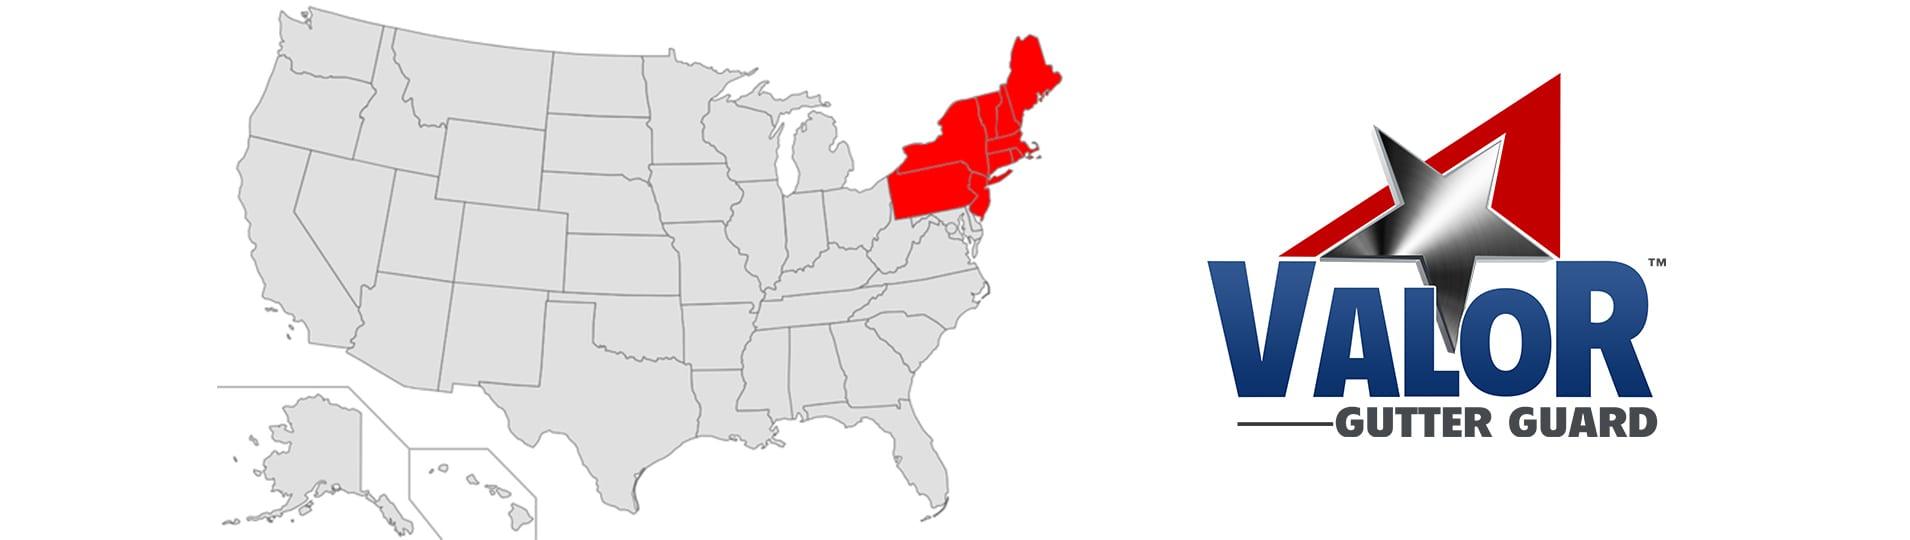 NortheastStatesHeader1910